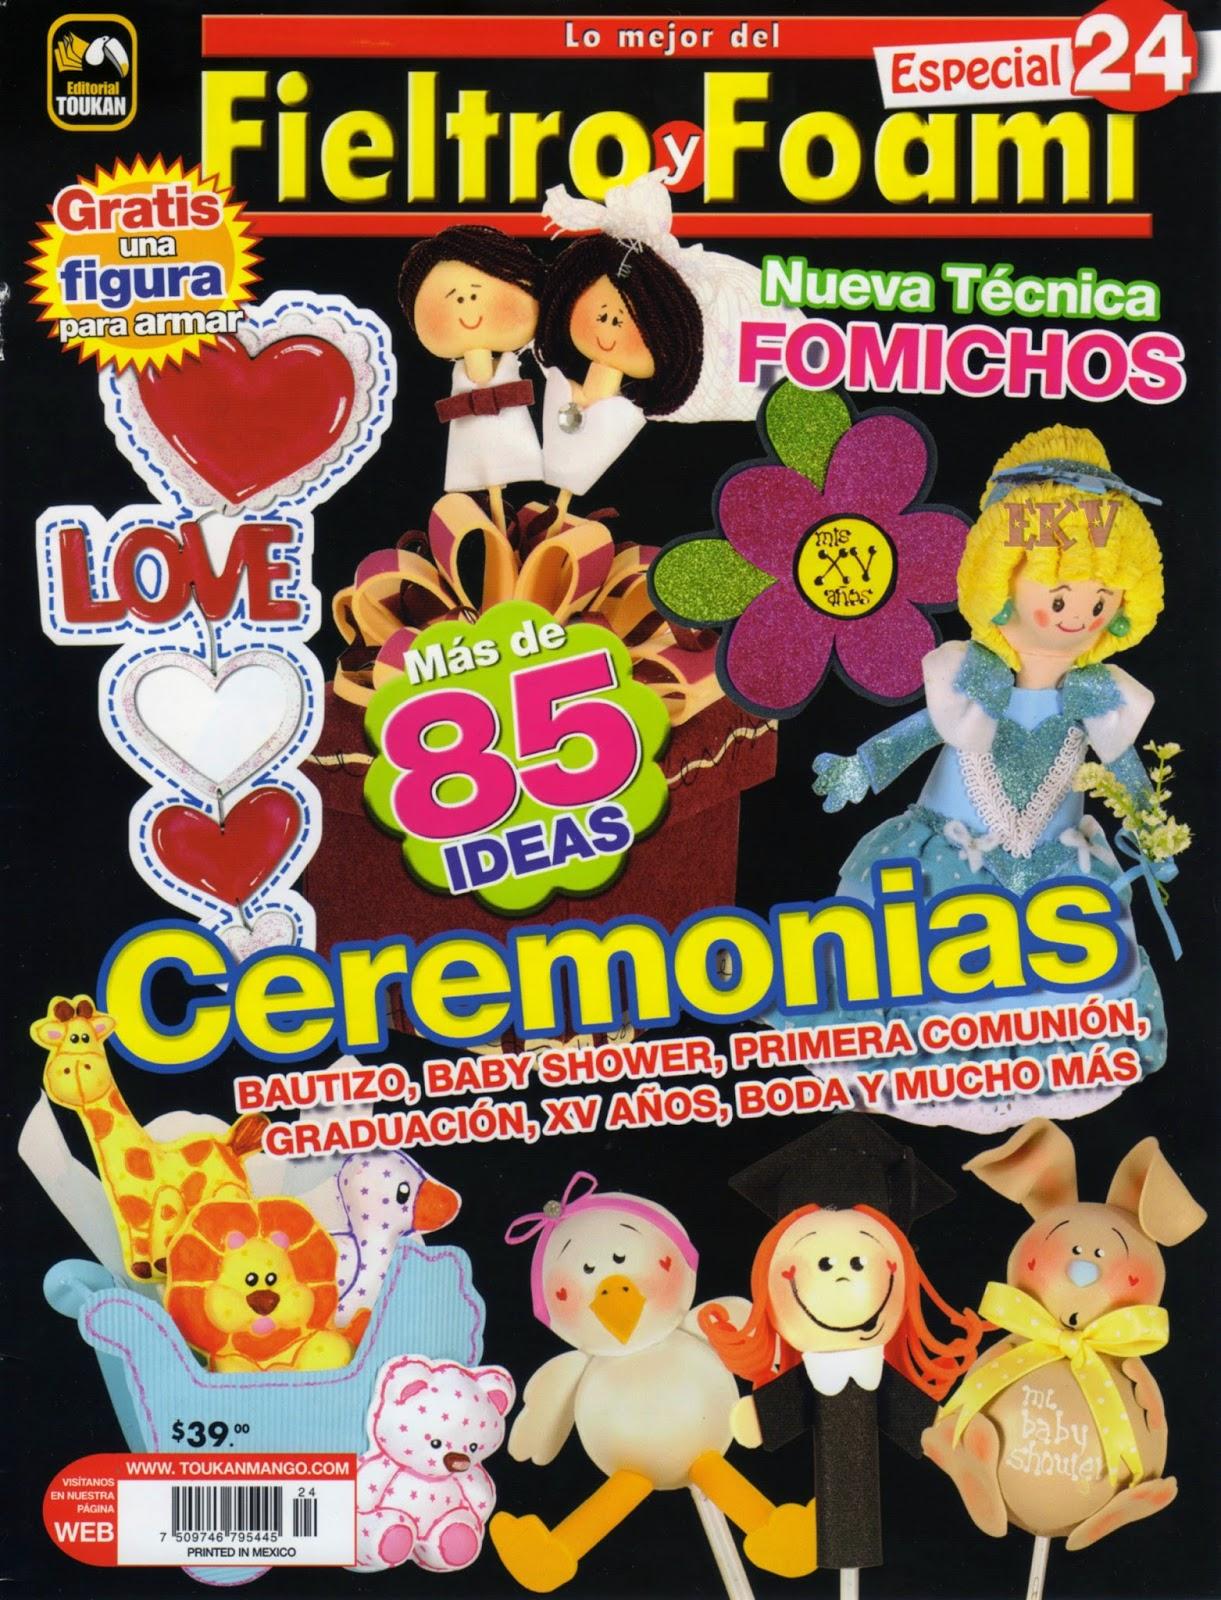 Revistas de Fieltro gratis: Revista del fieltro y foami gratis